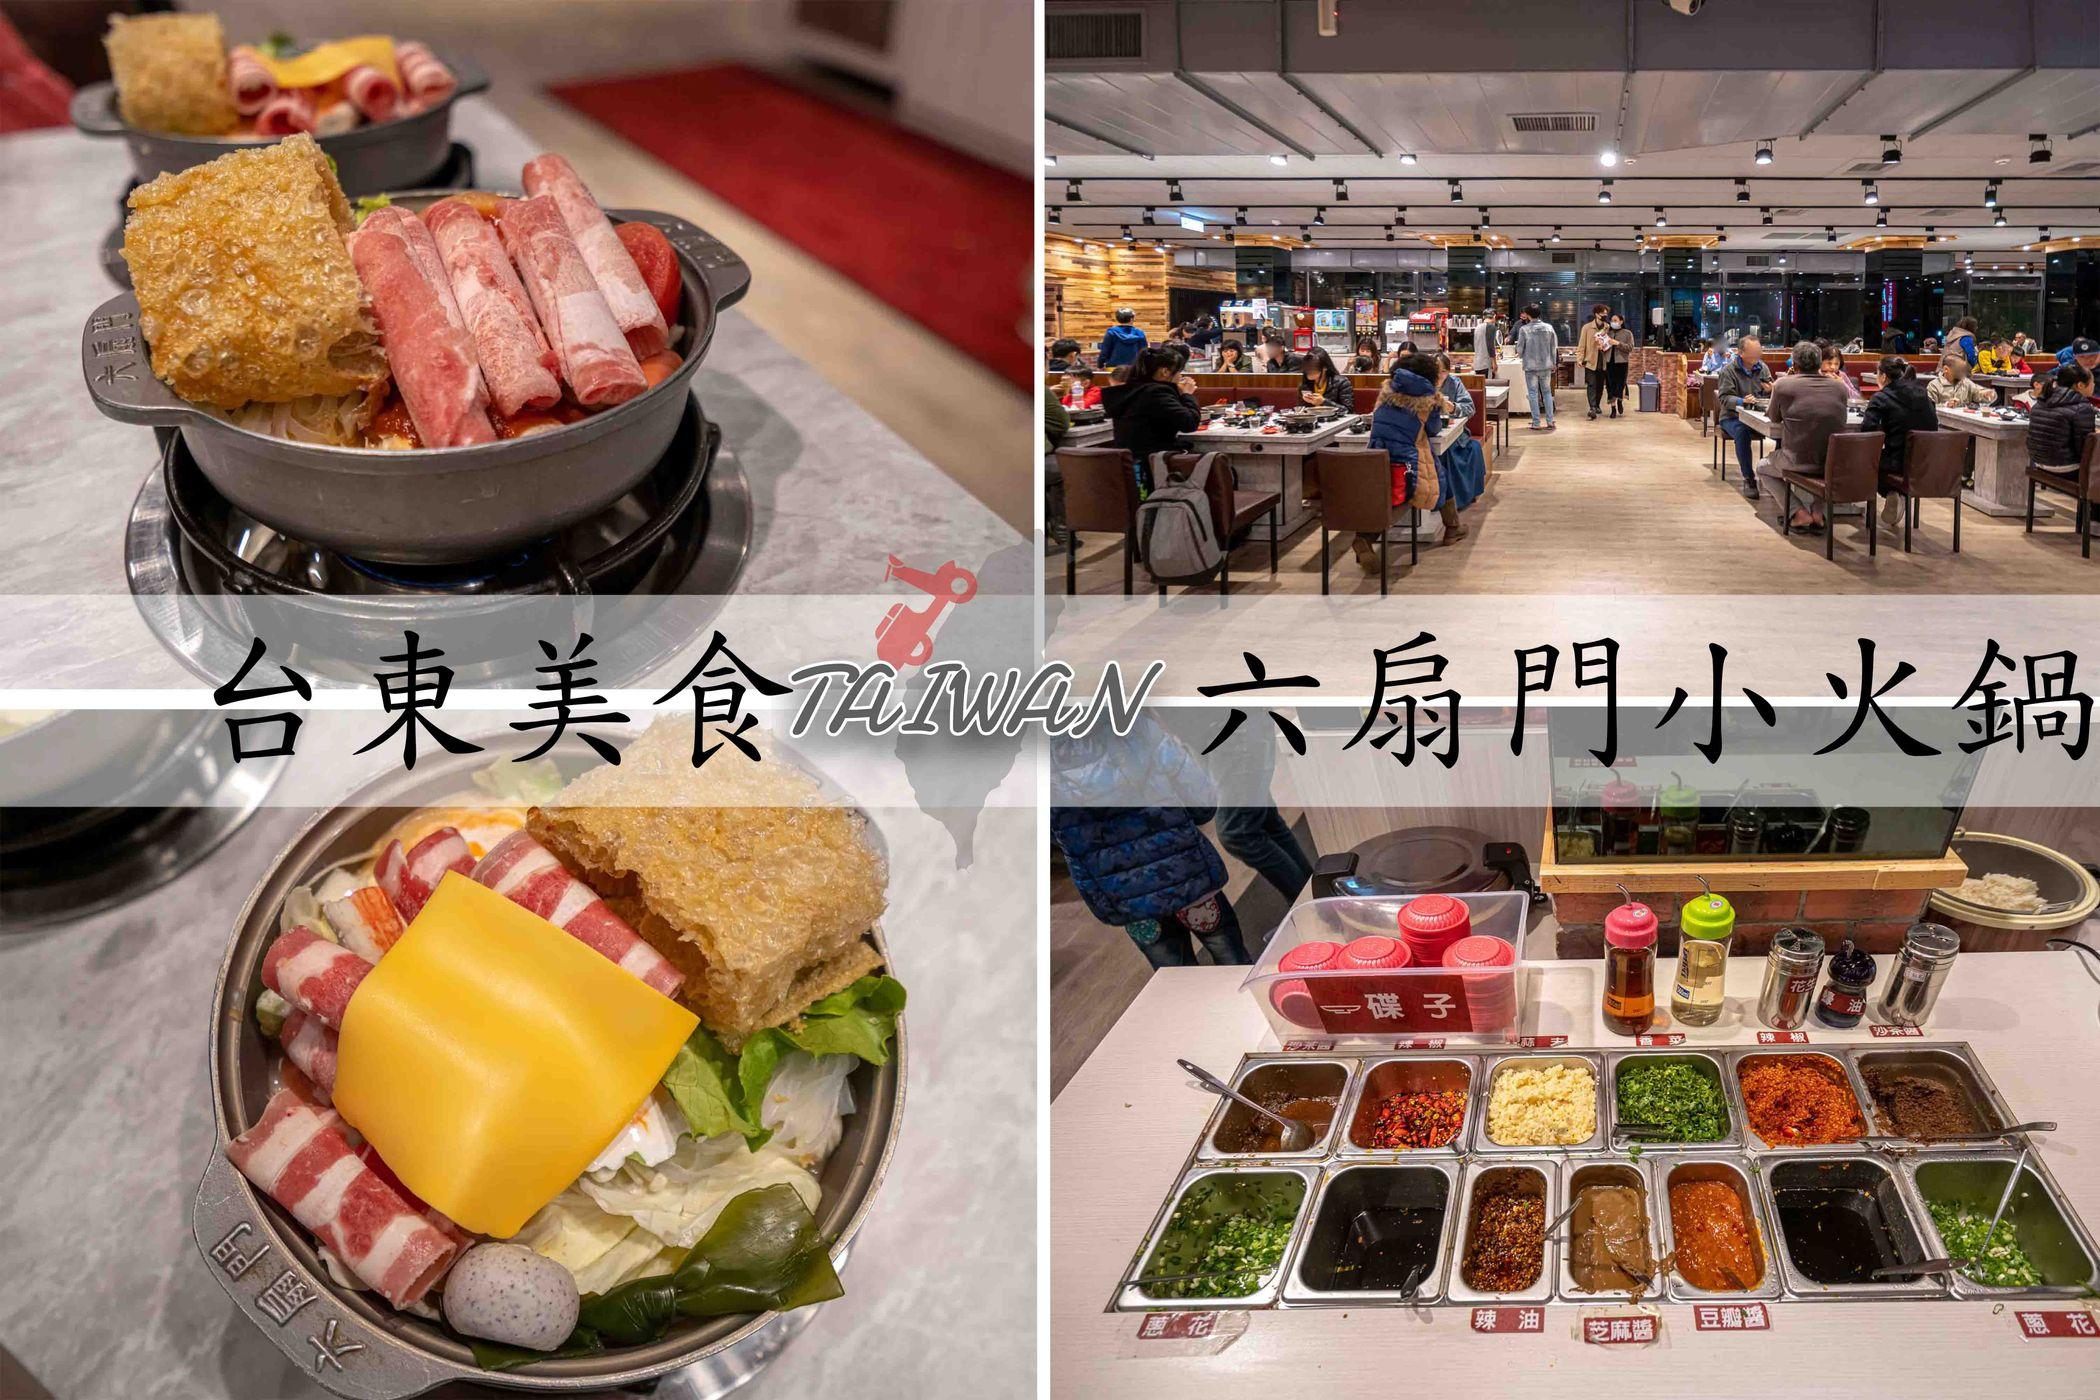 『台東美食』市區高評價小火鍋~六扇門時尚湯鍋簡單食記,超寬敞空間,自助點心飲料吃到飽